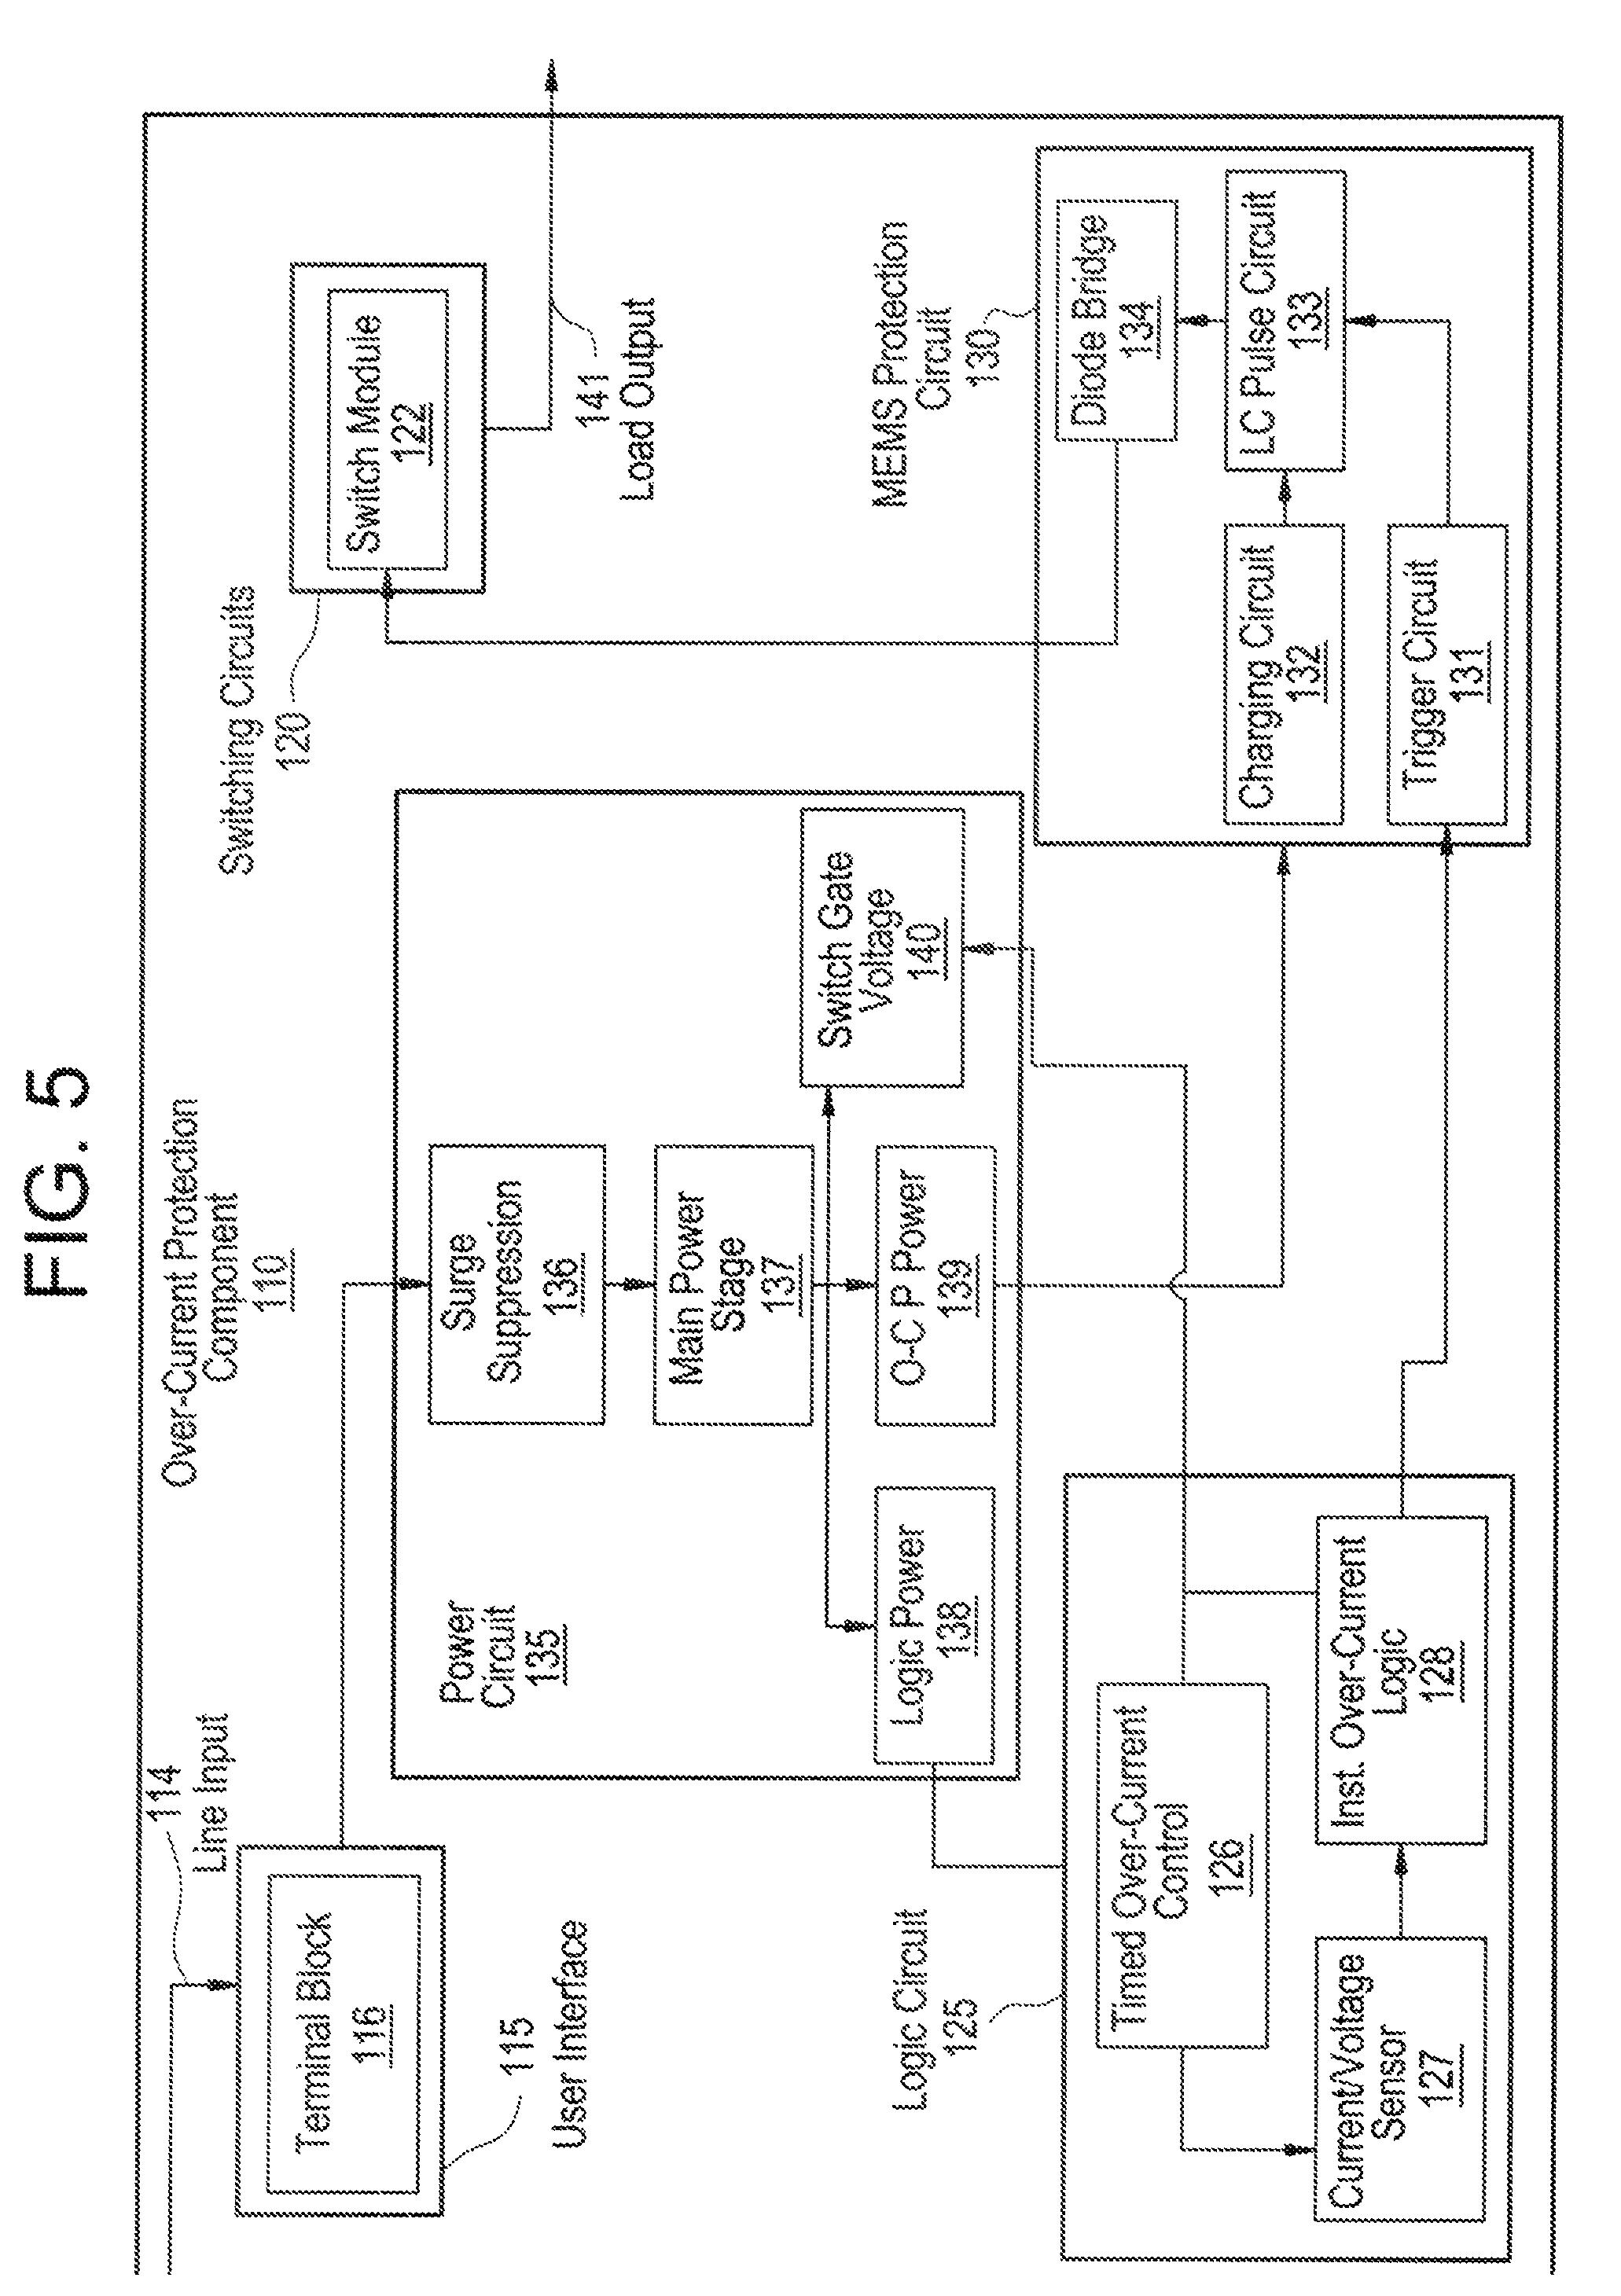 patent us7903382